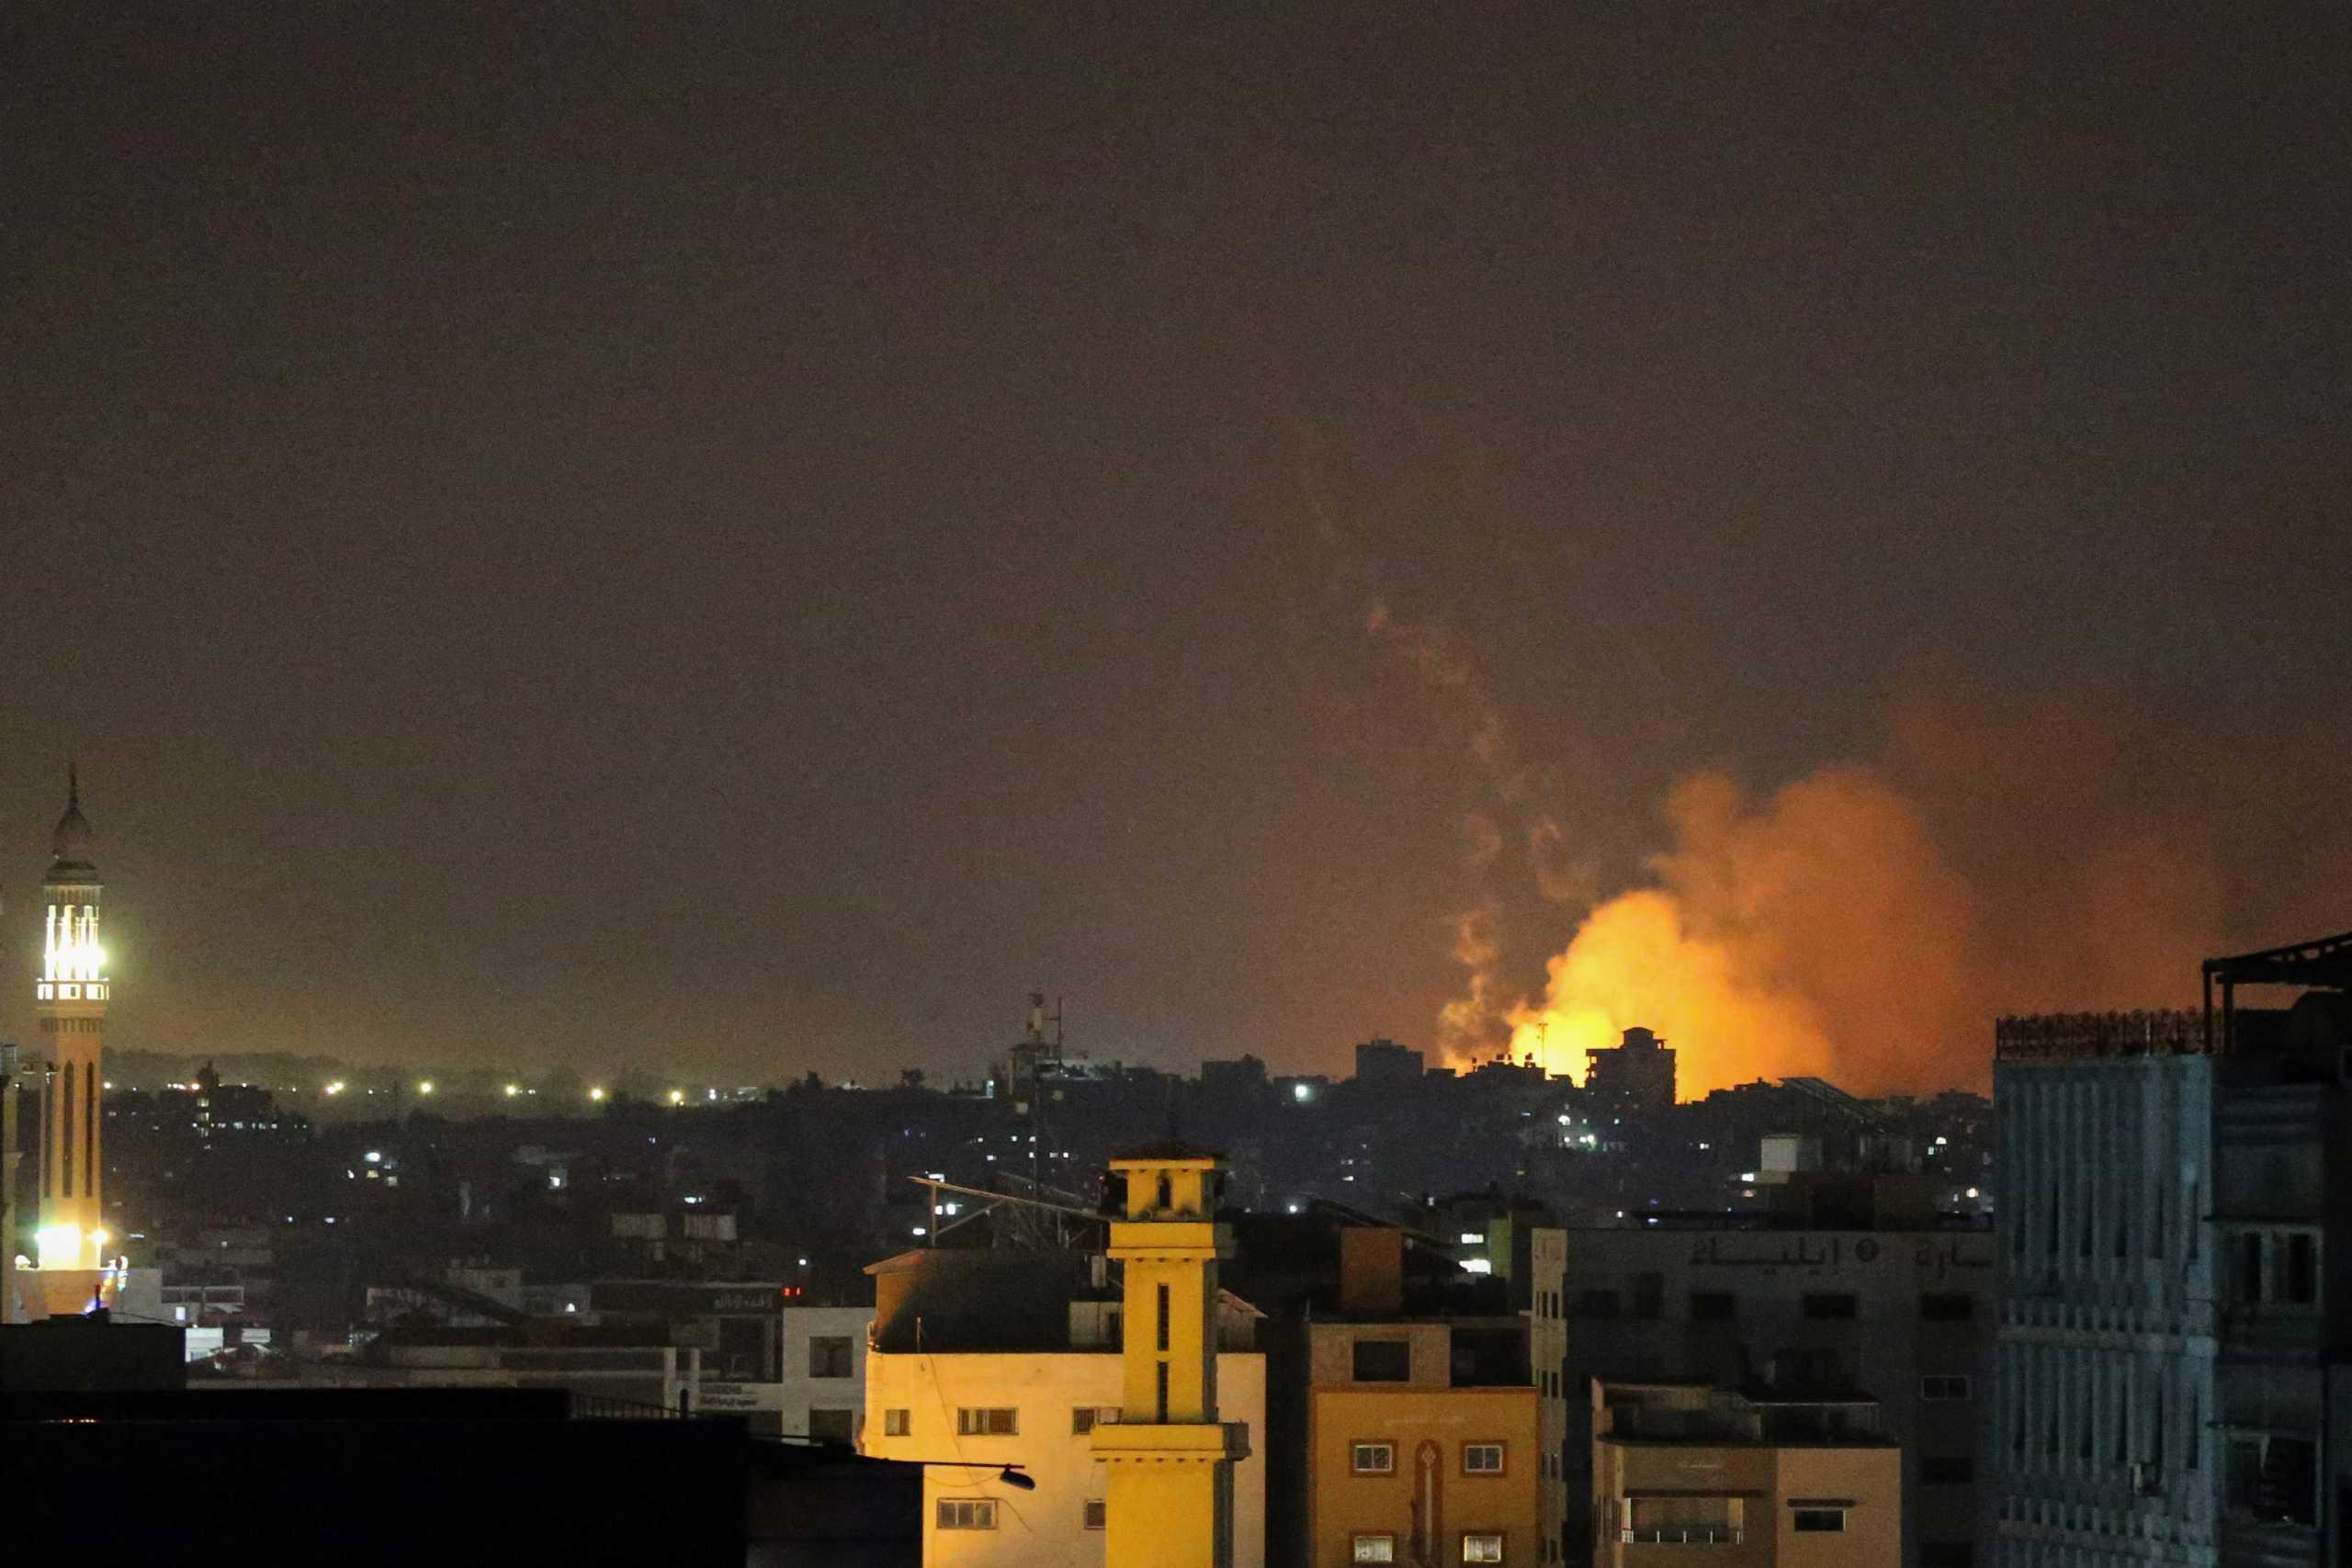 Λωρίδα της Γάζας: Διεθνής έκκληση να σταματήσουν οι βομβαρδισμοί – Νετανιάχου: Δεν τελειώσαμε ακόμα